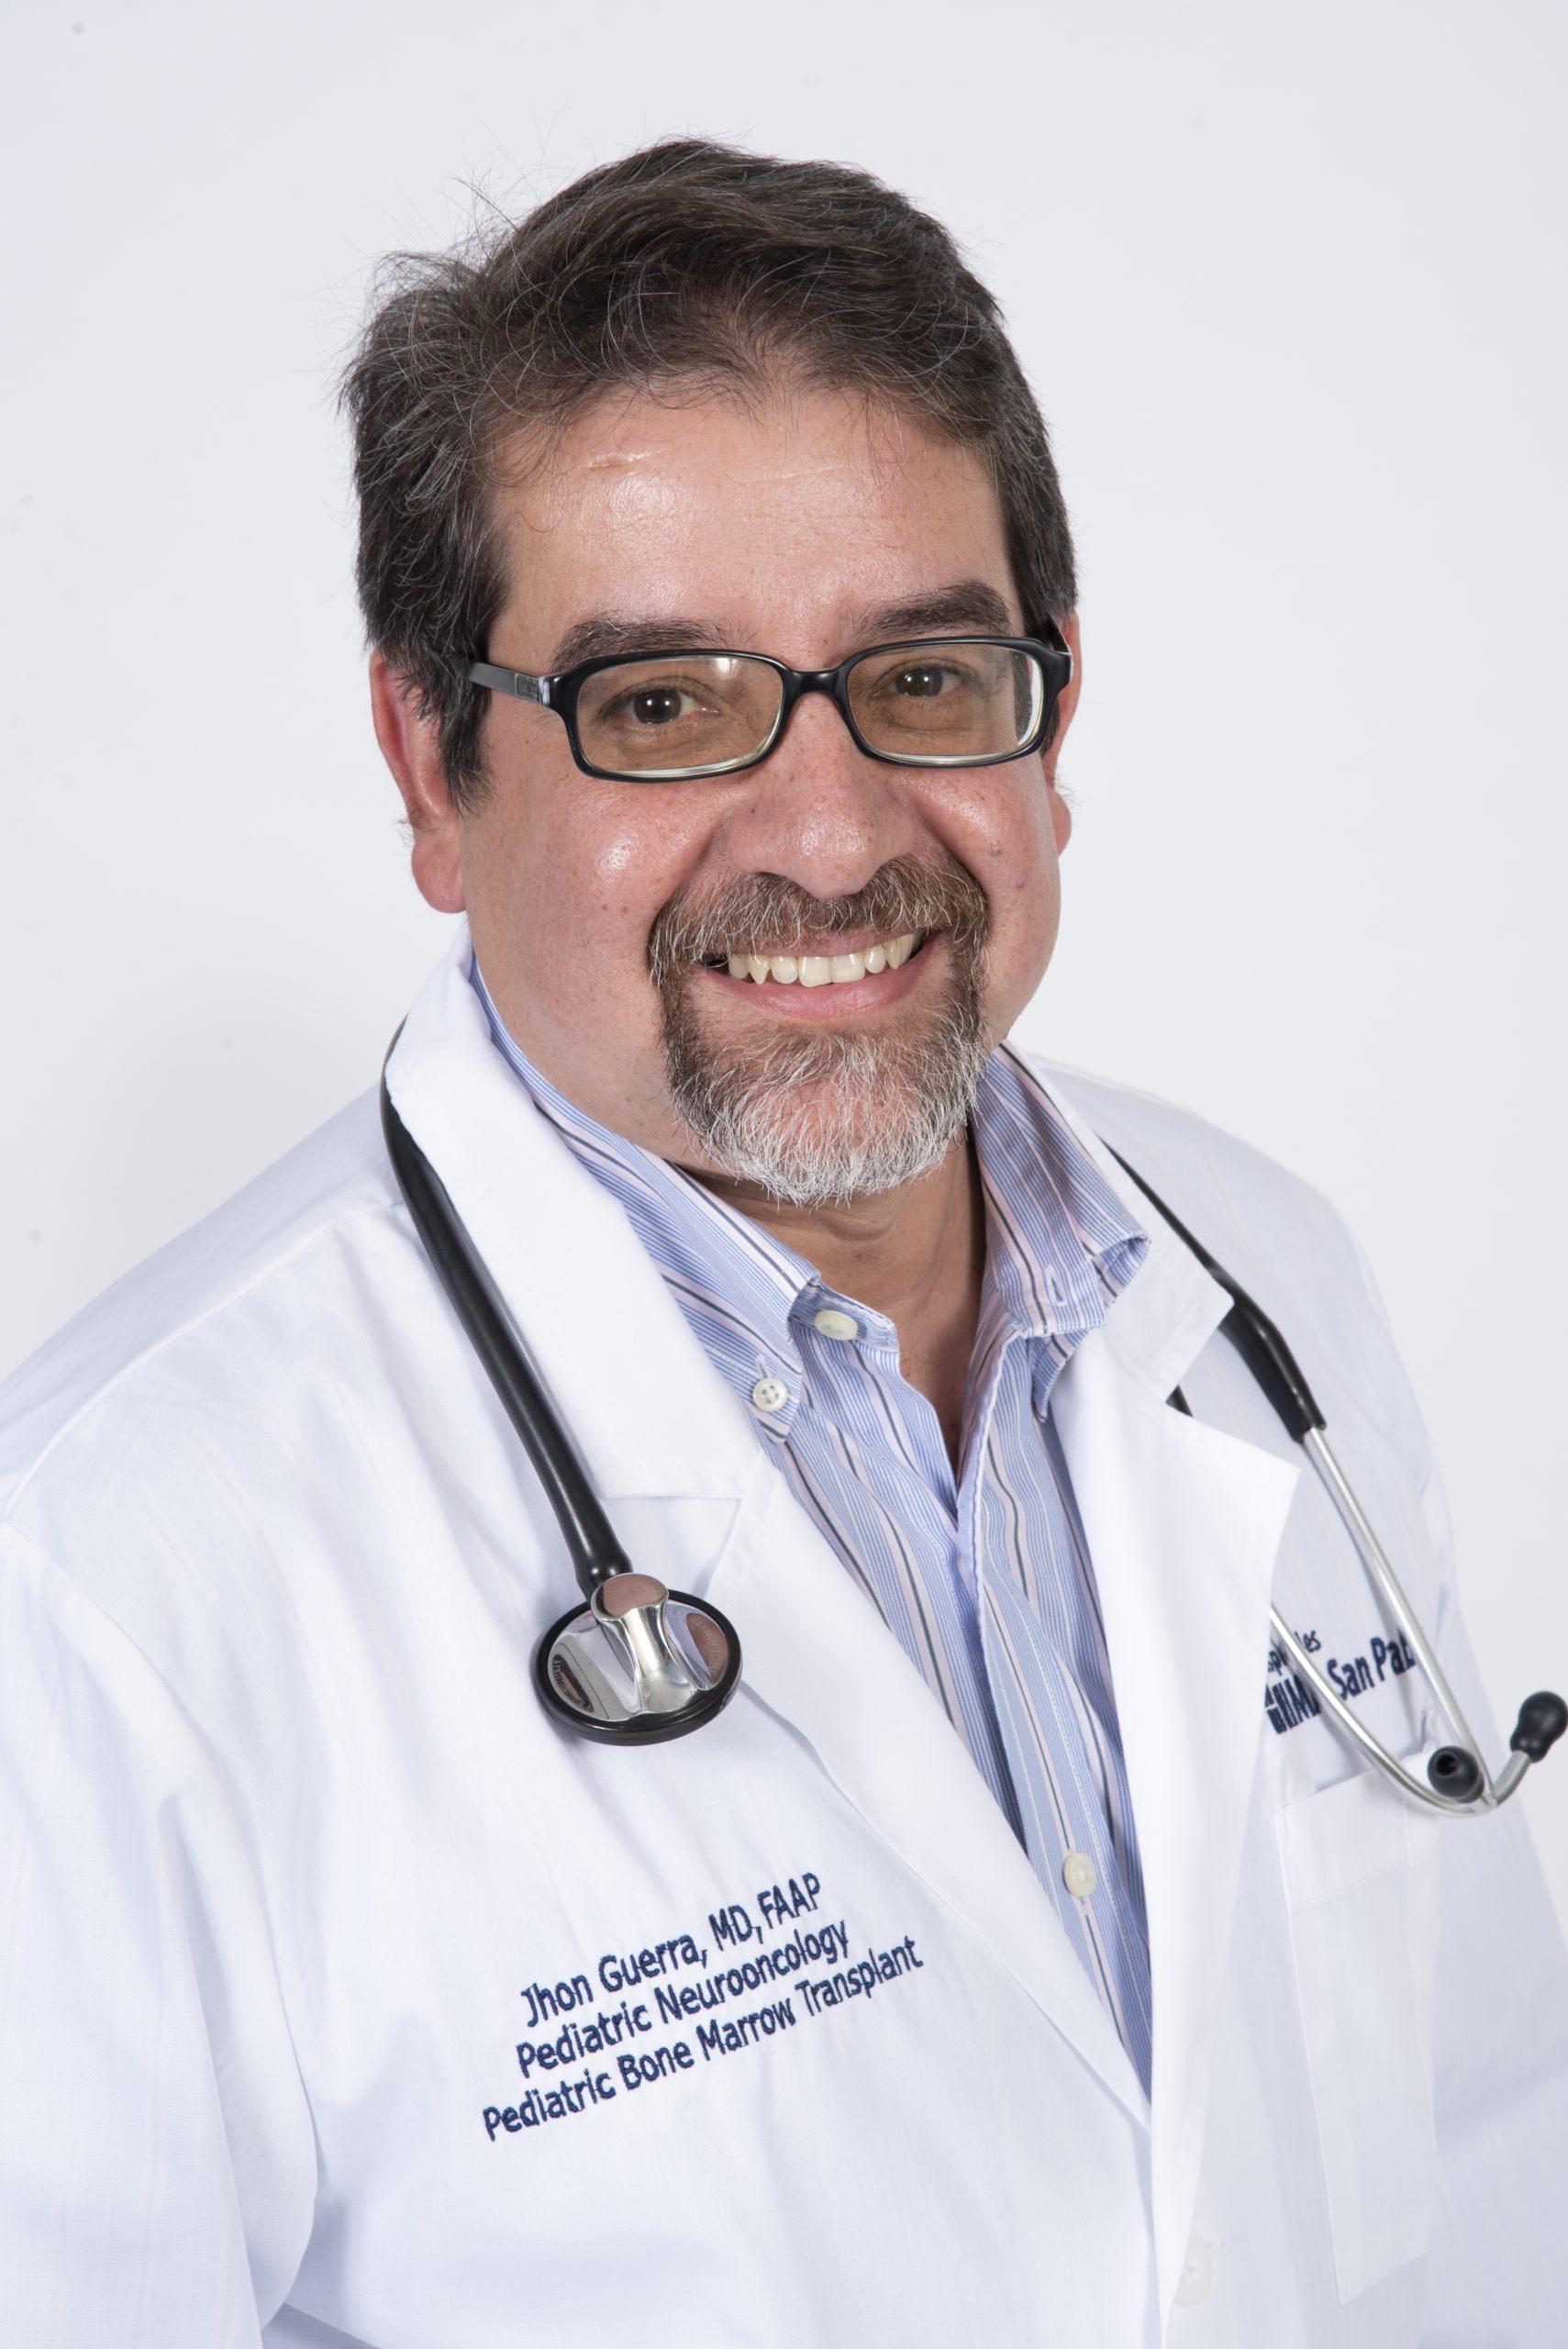 Dr. John Guerra